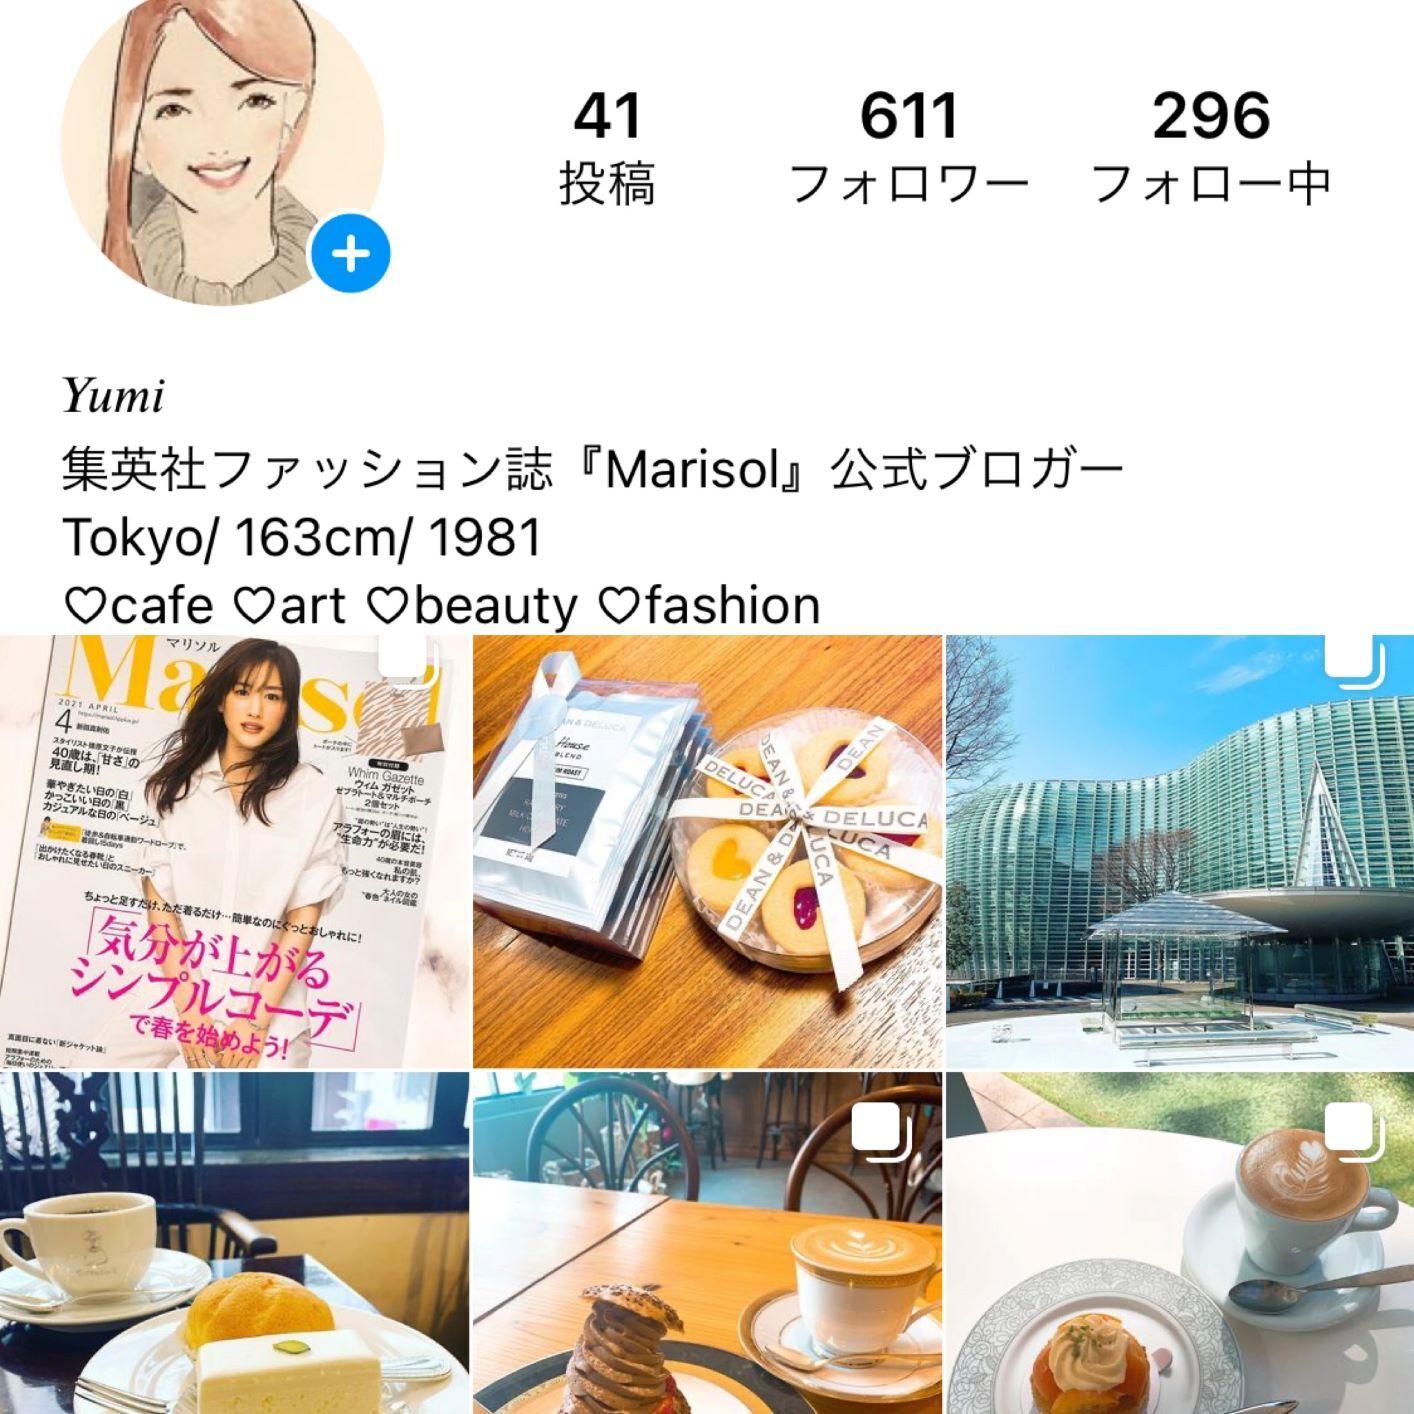 【サンバリア100】 新サイズ・軽量コンパクトの日傘が優秀すぎる!_1_6